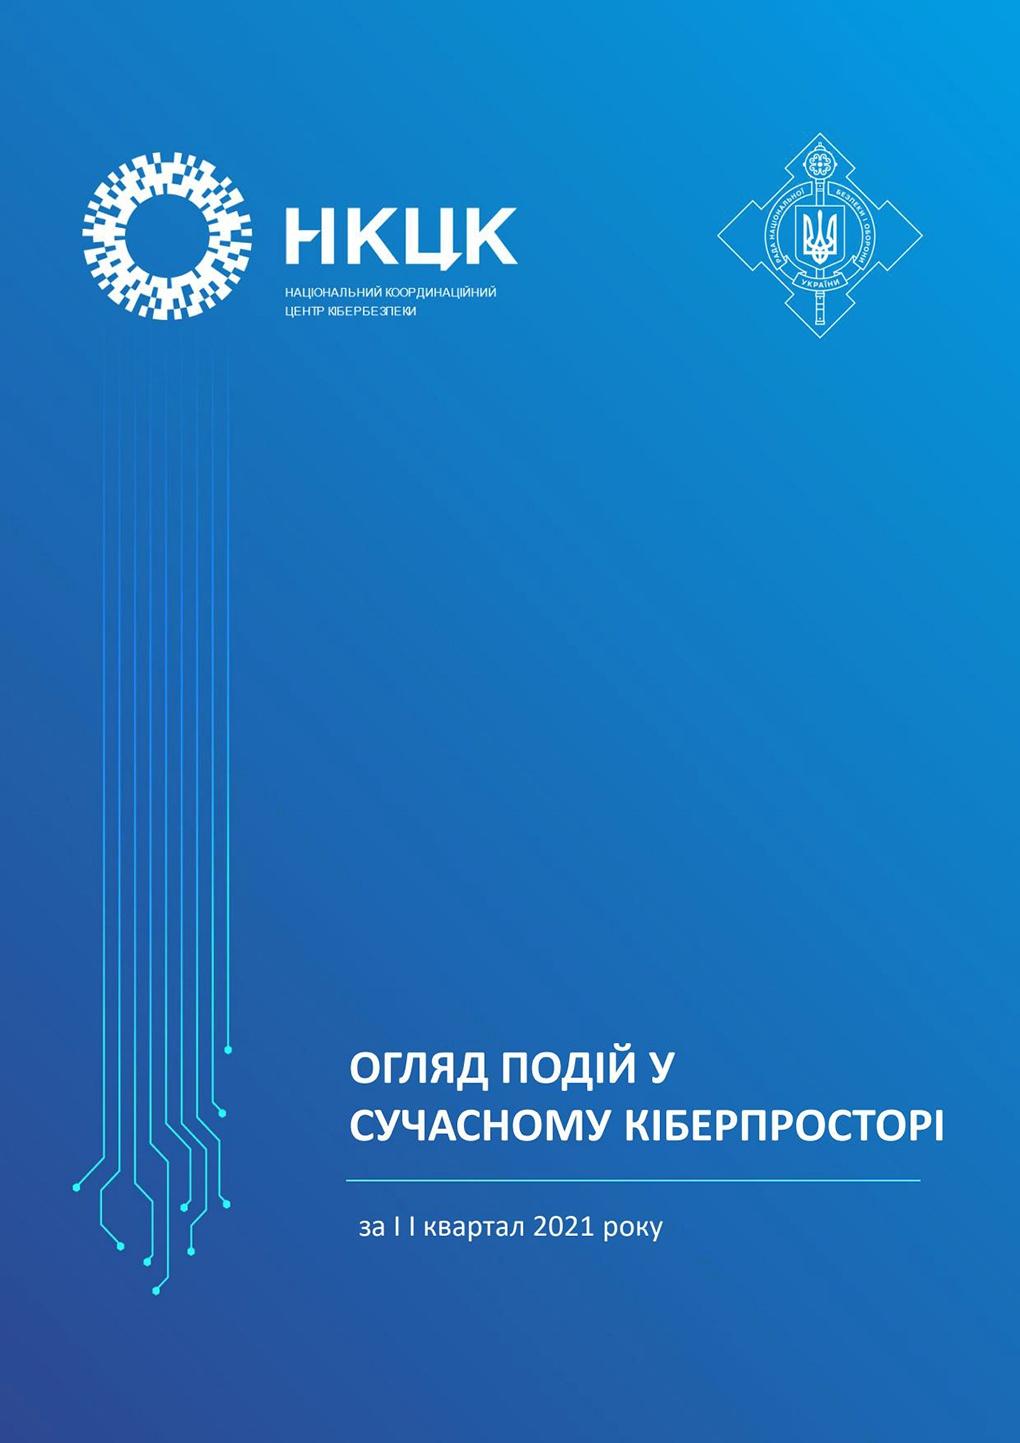 Обложка Обзора событий в современном киберпространстве за второй квартал 2021г.